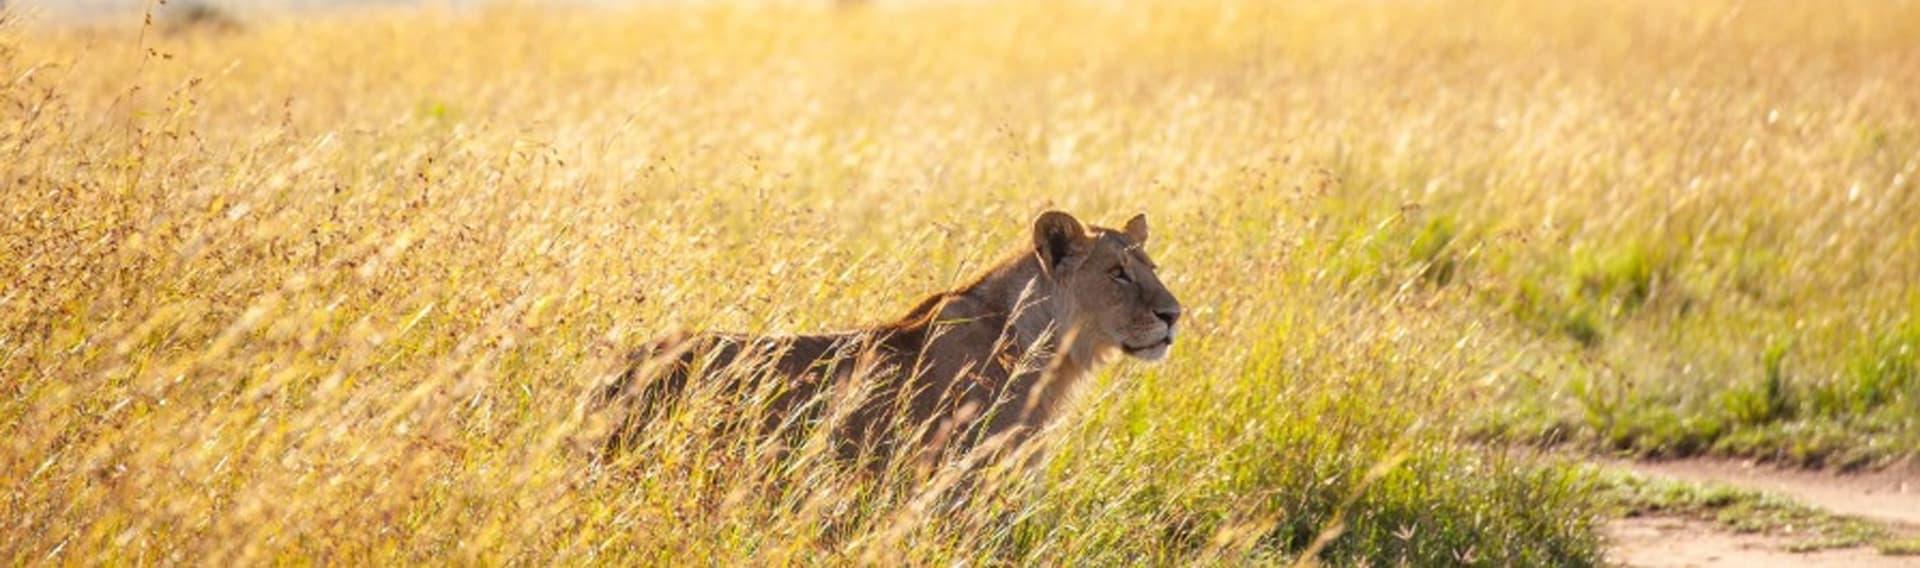 12 days/11 nights Kenya wildlife safari